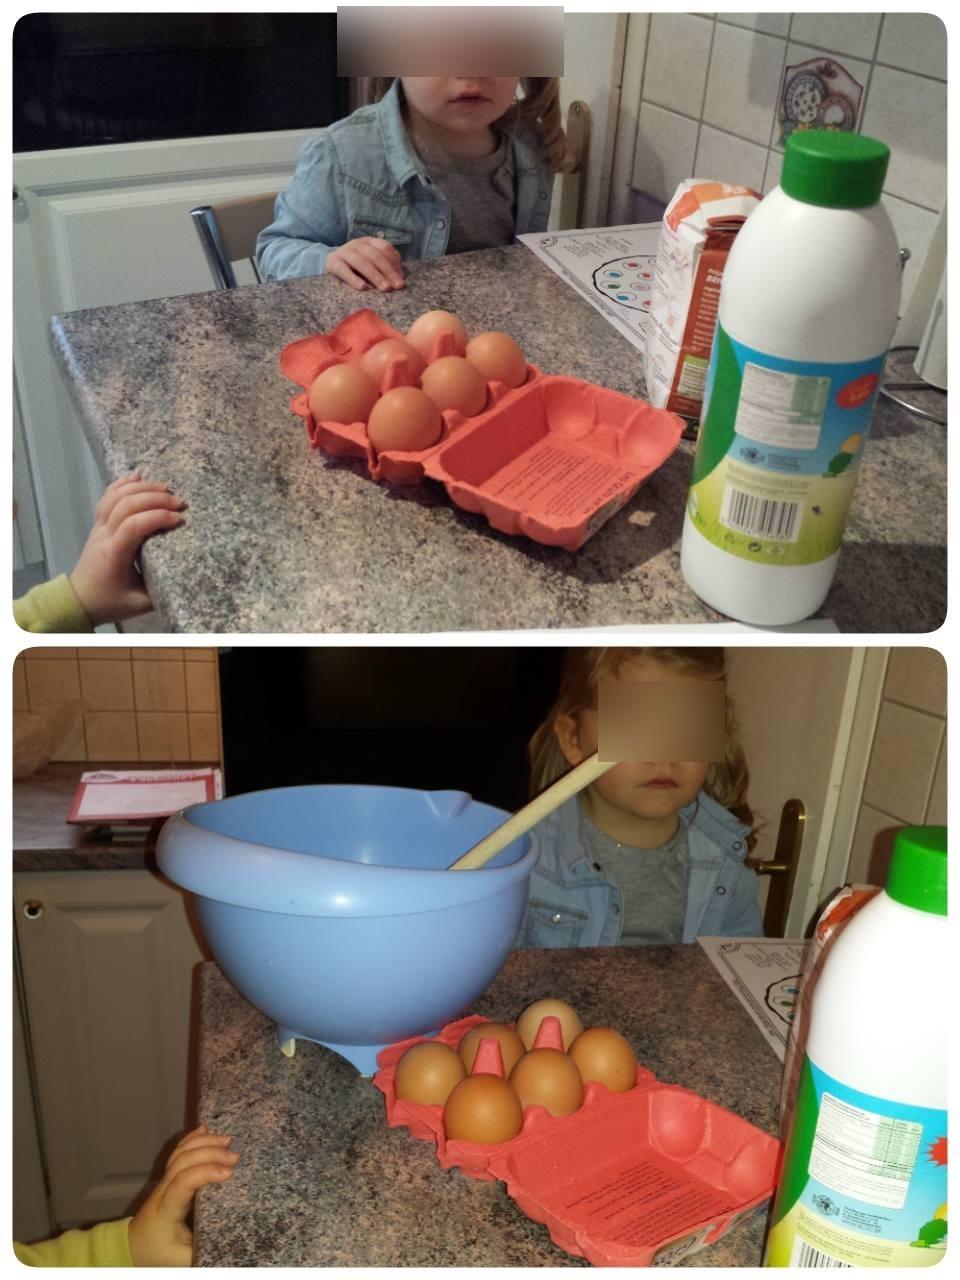 La chandeleur, blog, découverte des ingrédients pour la pâte à crêpes, assistante maternelle Villeparisis